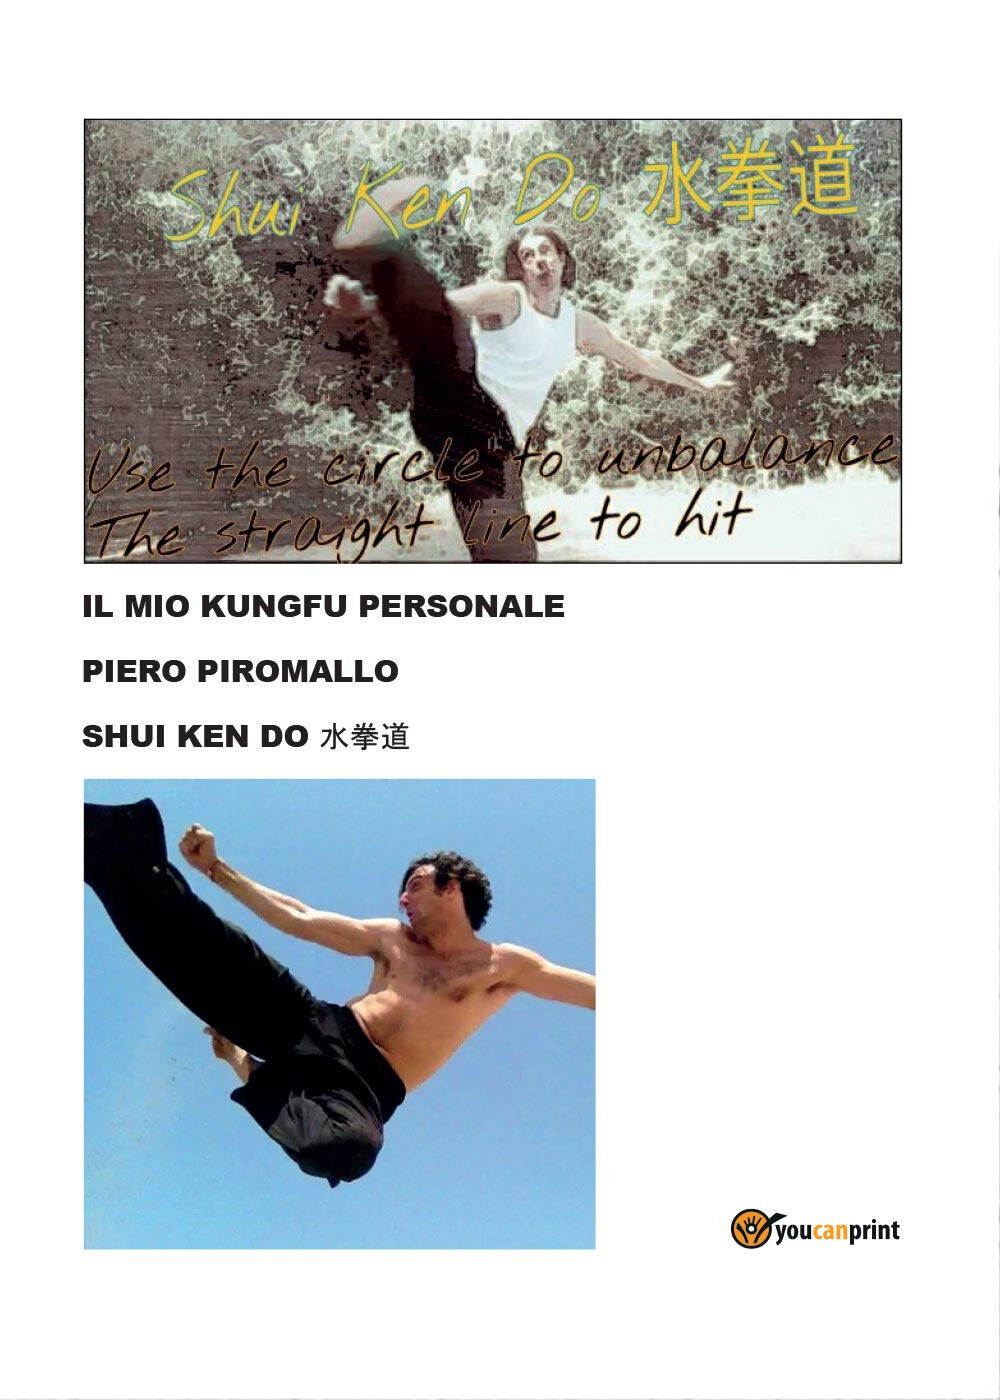 Il mio kungfu personale Shuikendo